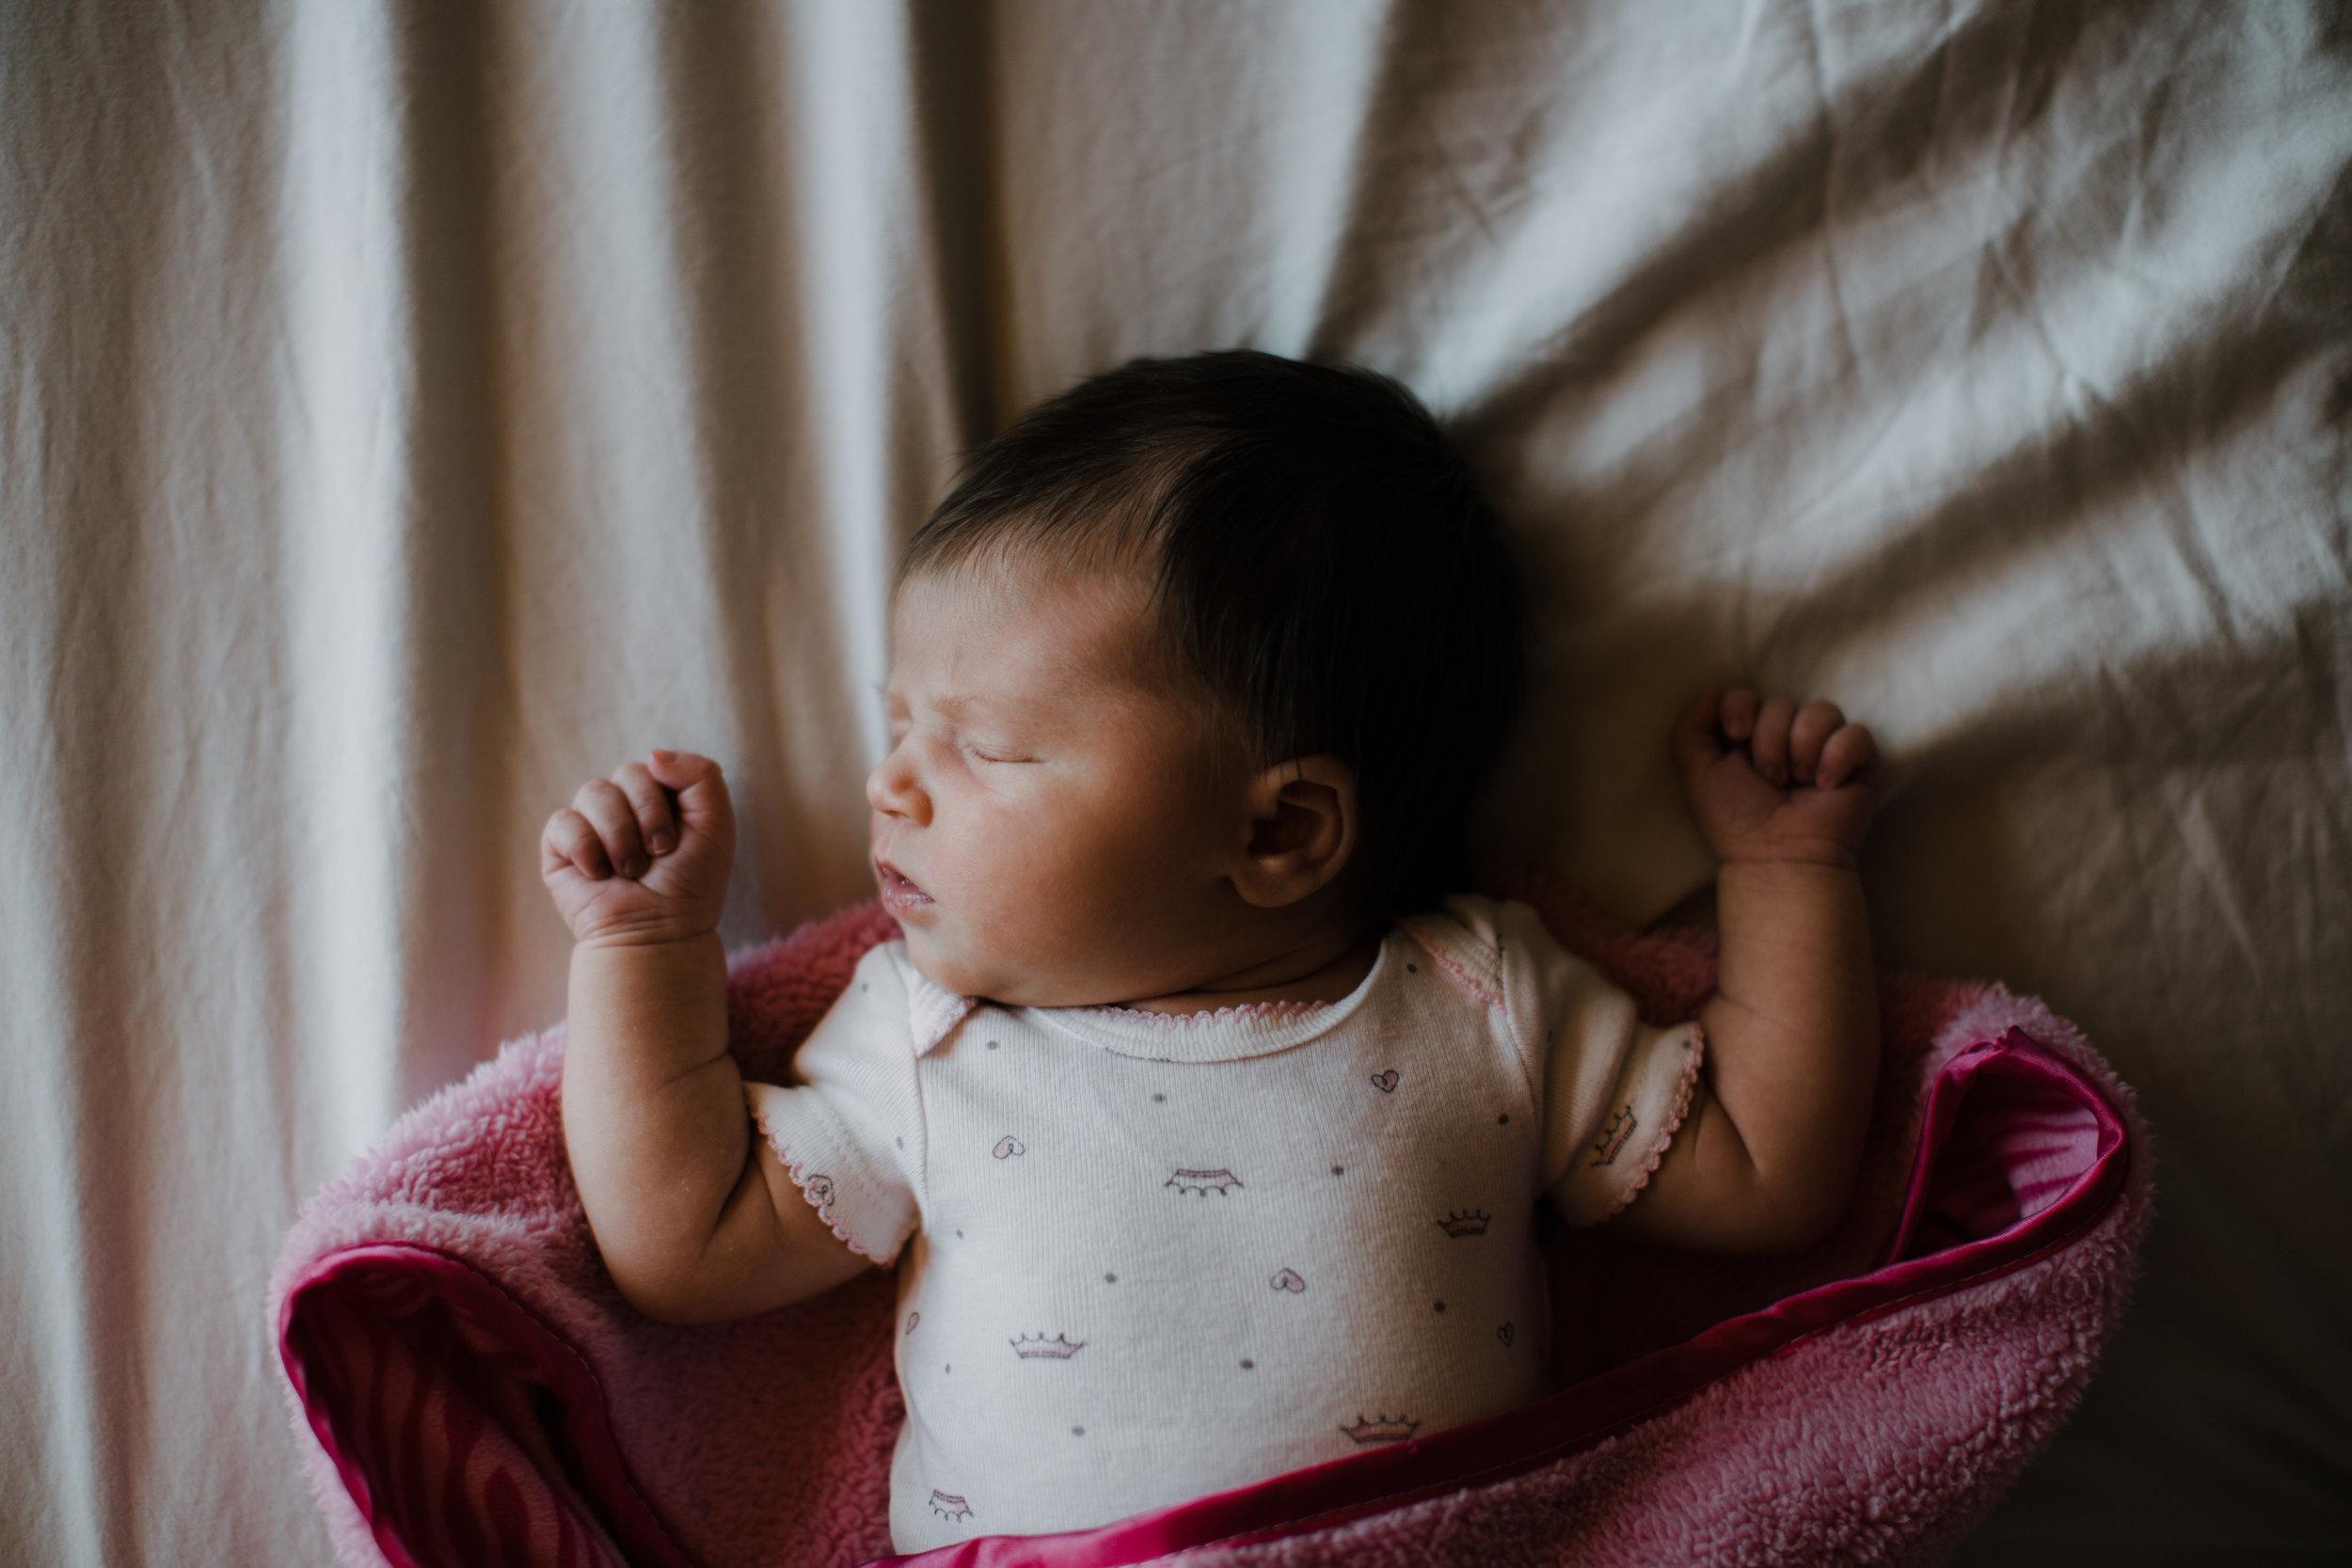 Natural newborn photography by Britt DeZeeuw, Brainerd Minnesota photographer